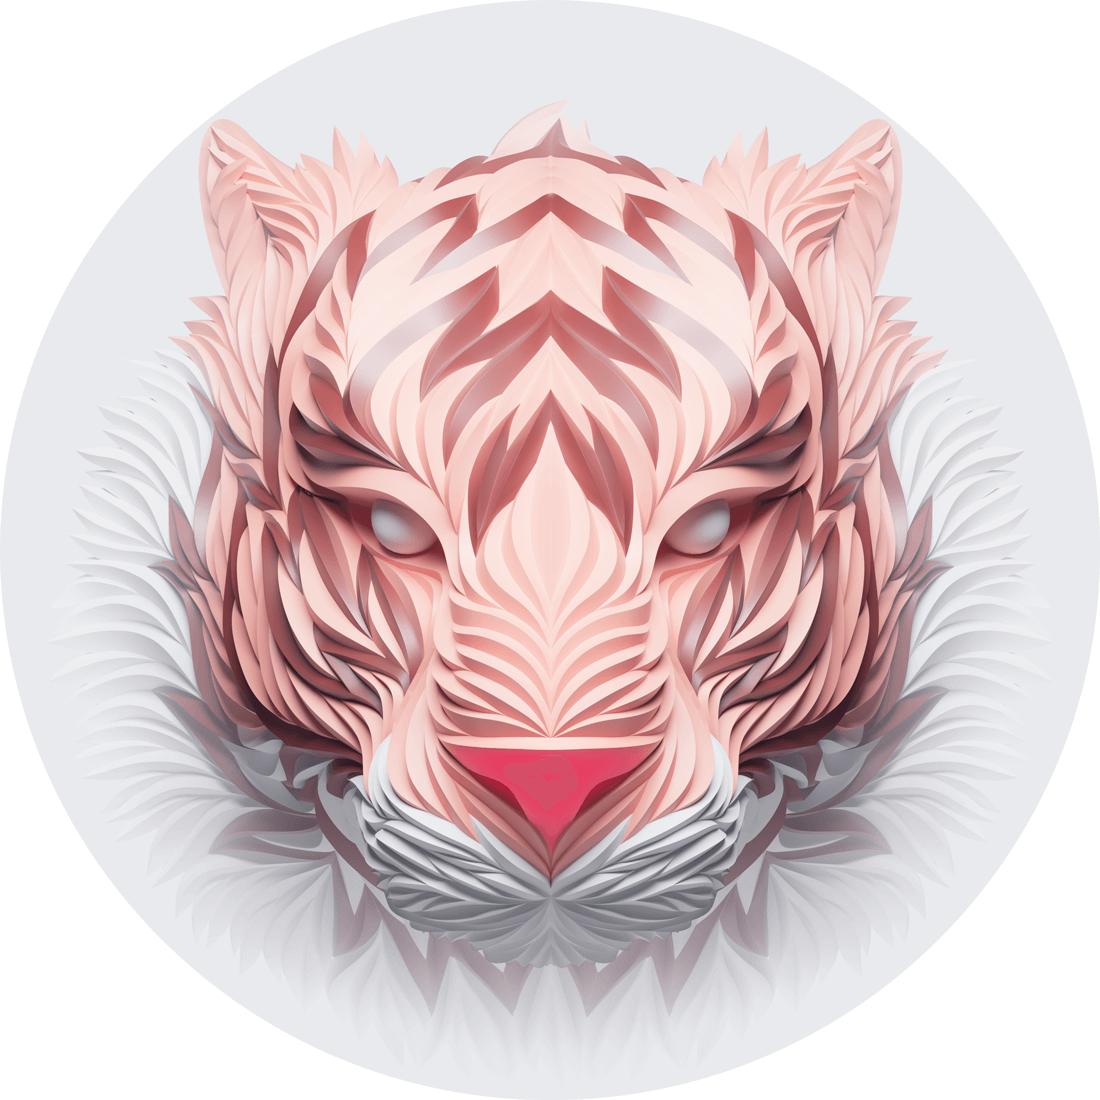 tigre rosa max shkret